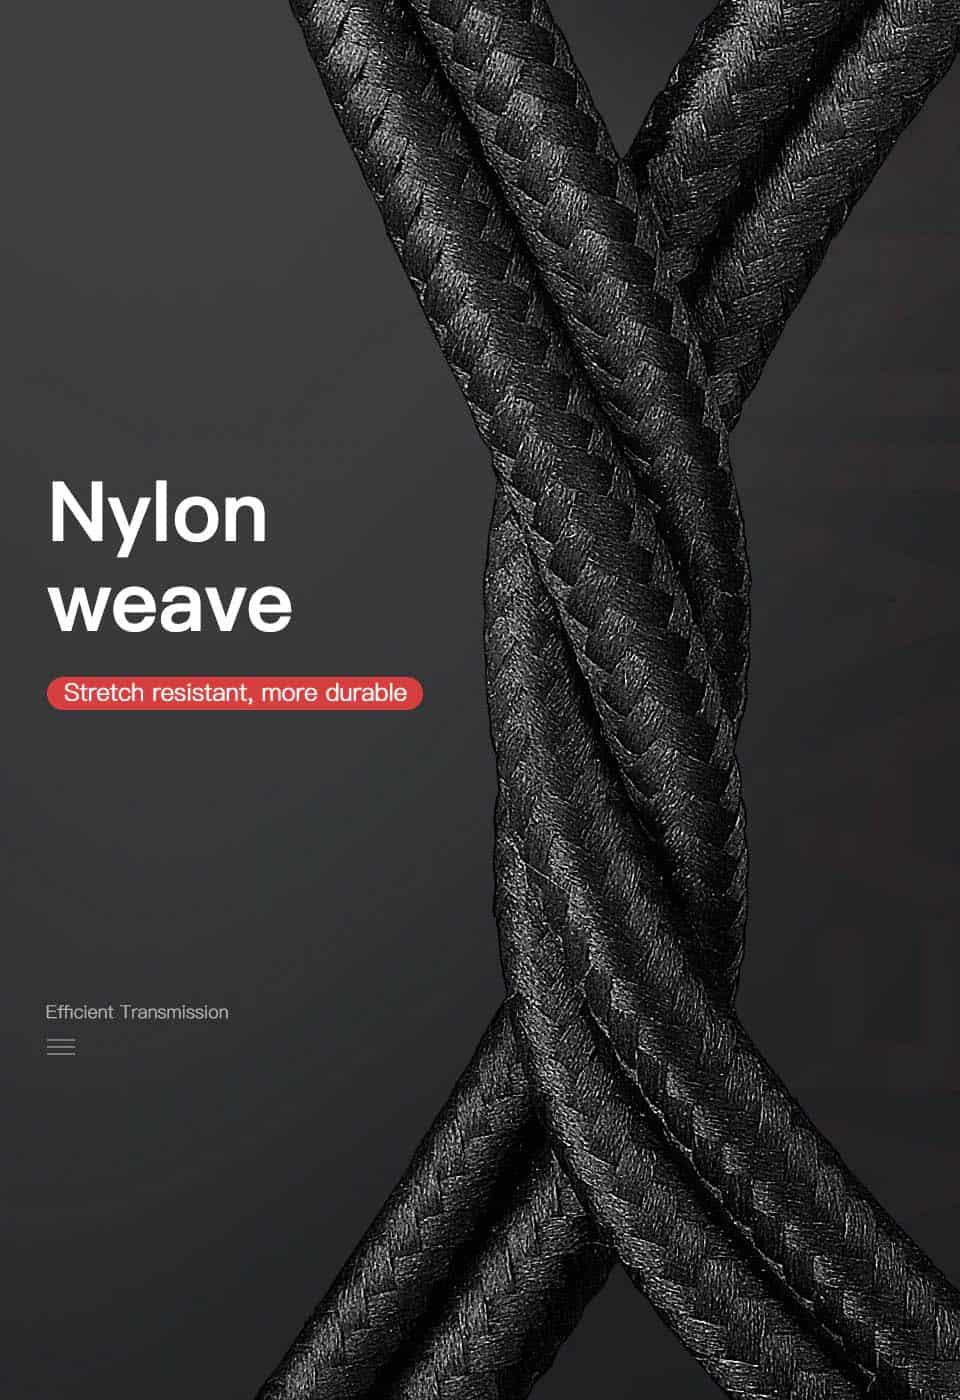 KUULAA 3 in 1 USB Cable Nylon Weave